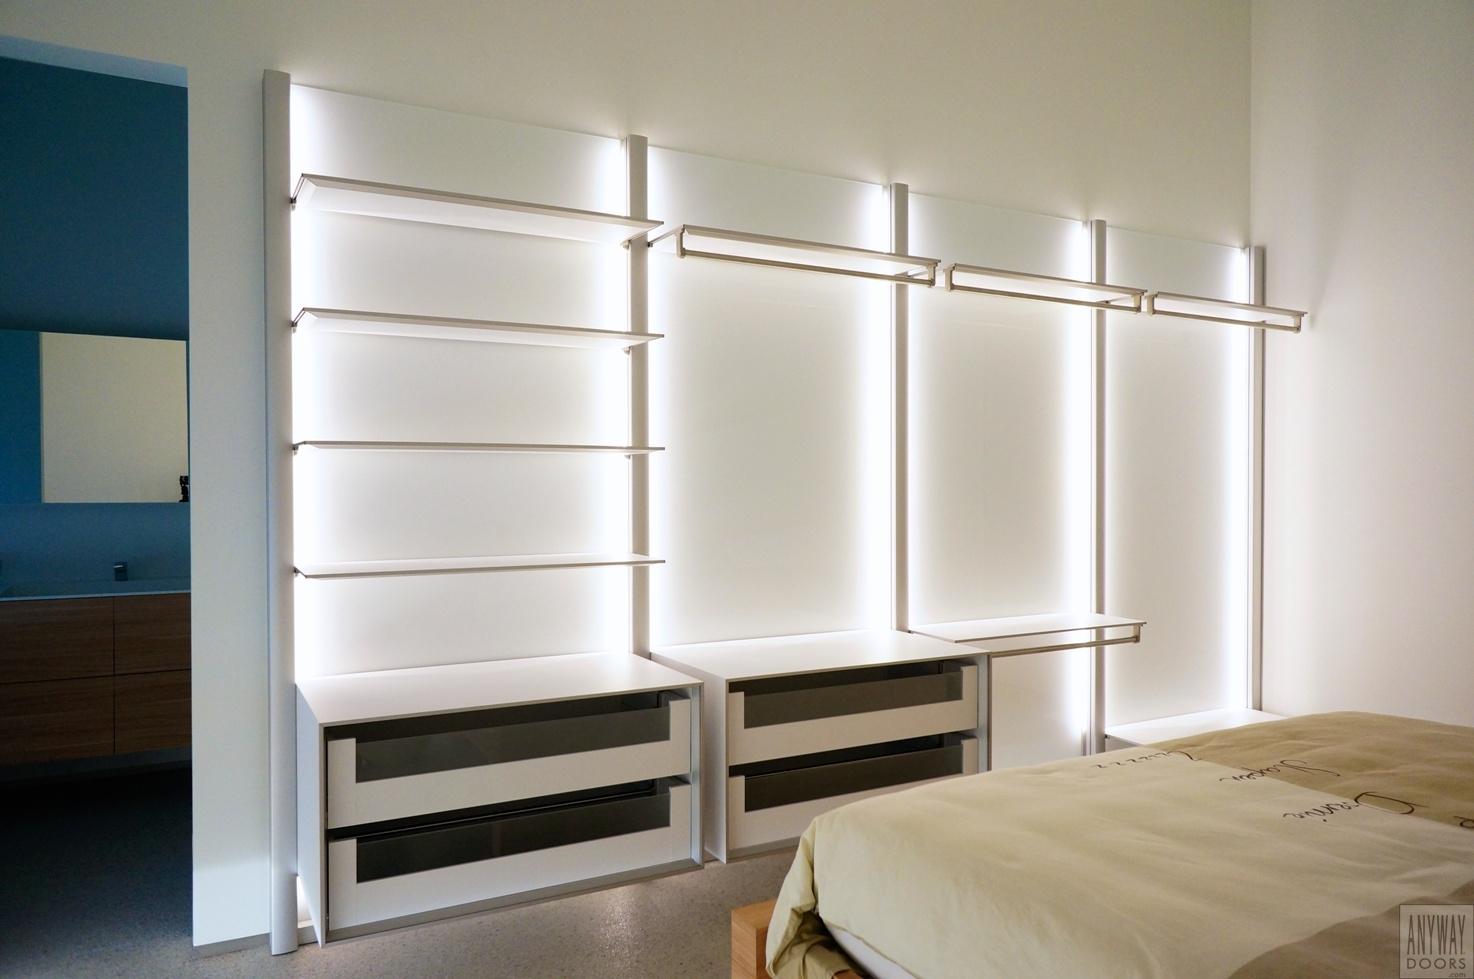 Slaapkamer met inloopkast op maat